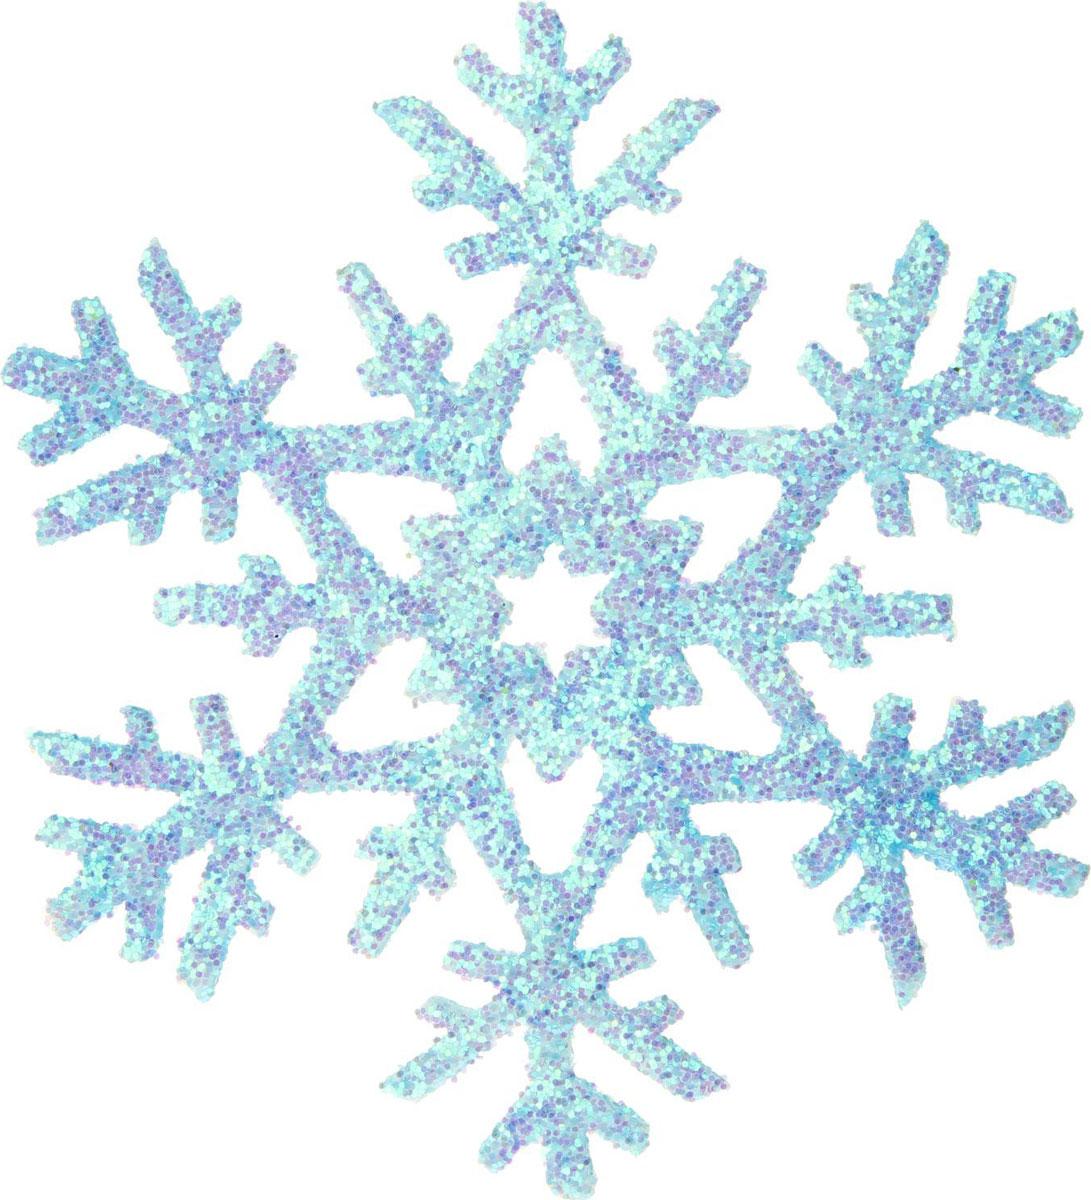 Новогоднее подвесное украшение Sima-land Снежинка со звездой, 20 х 20 см, 2 шт1401715Новогоднее украшение Sima-land отлично подойдет для декорации вашего дома и новогодней ели. Елочная игрушка - символ Нового года. Она несет в себе волшебство и красоту праздника. Такое украшение создаст в вашем доме атмосферу праздника, веселья и радости.